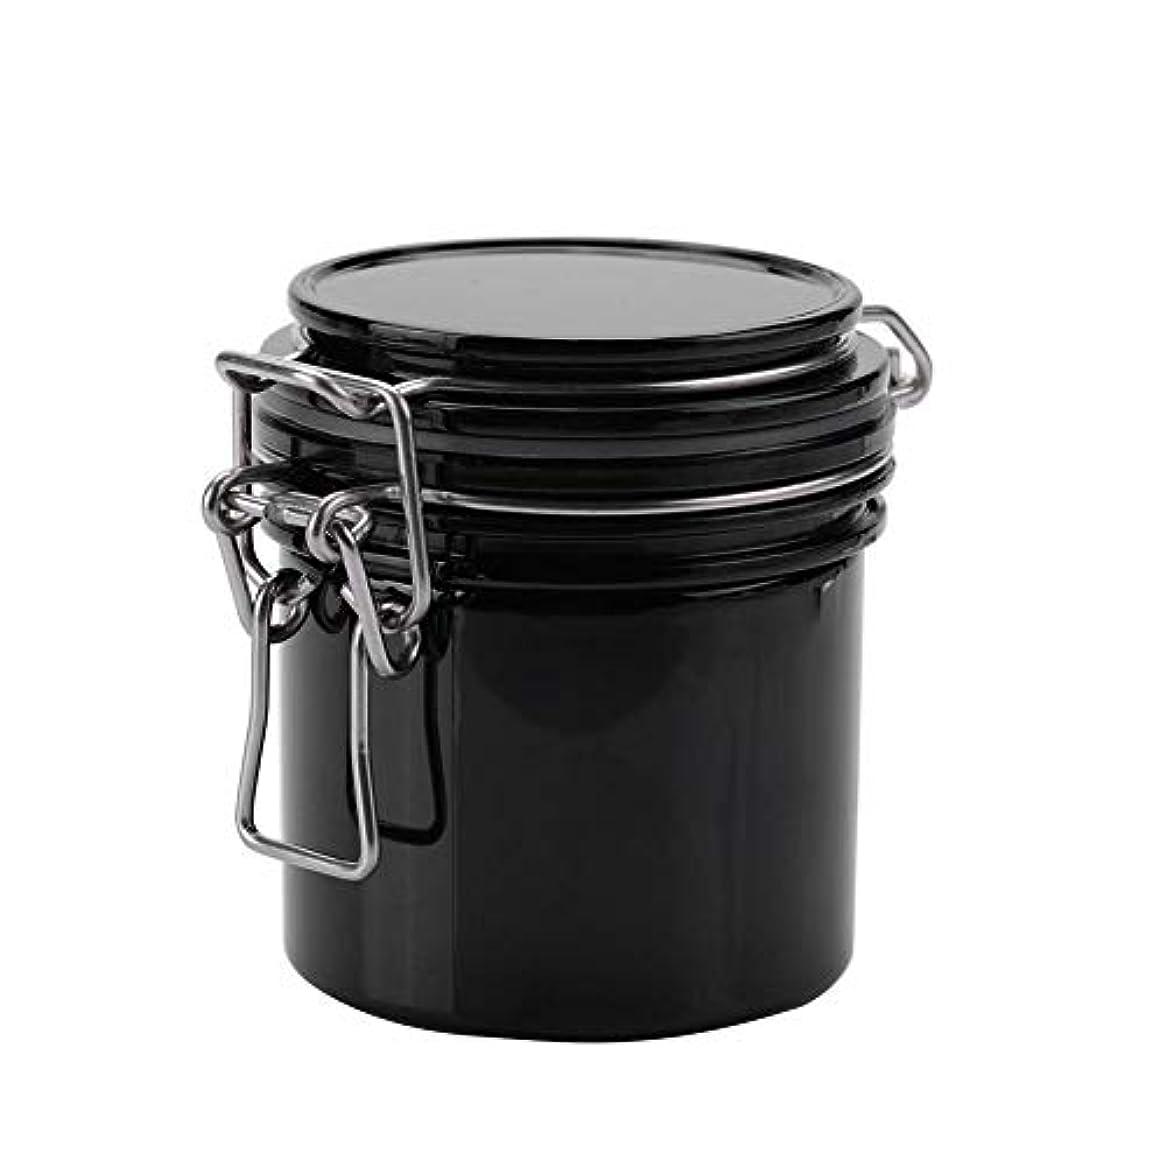 動かす陪審乱闘まつげのり収納瓶 再利用可能で密封 収納瓶 乾燥を防ぐために、つけまつげエクステンションや化粧に最適